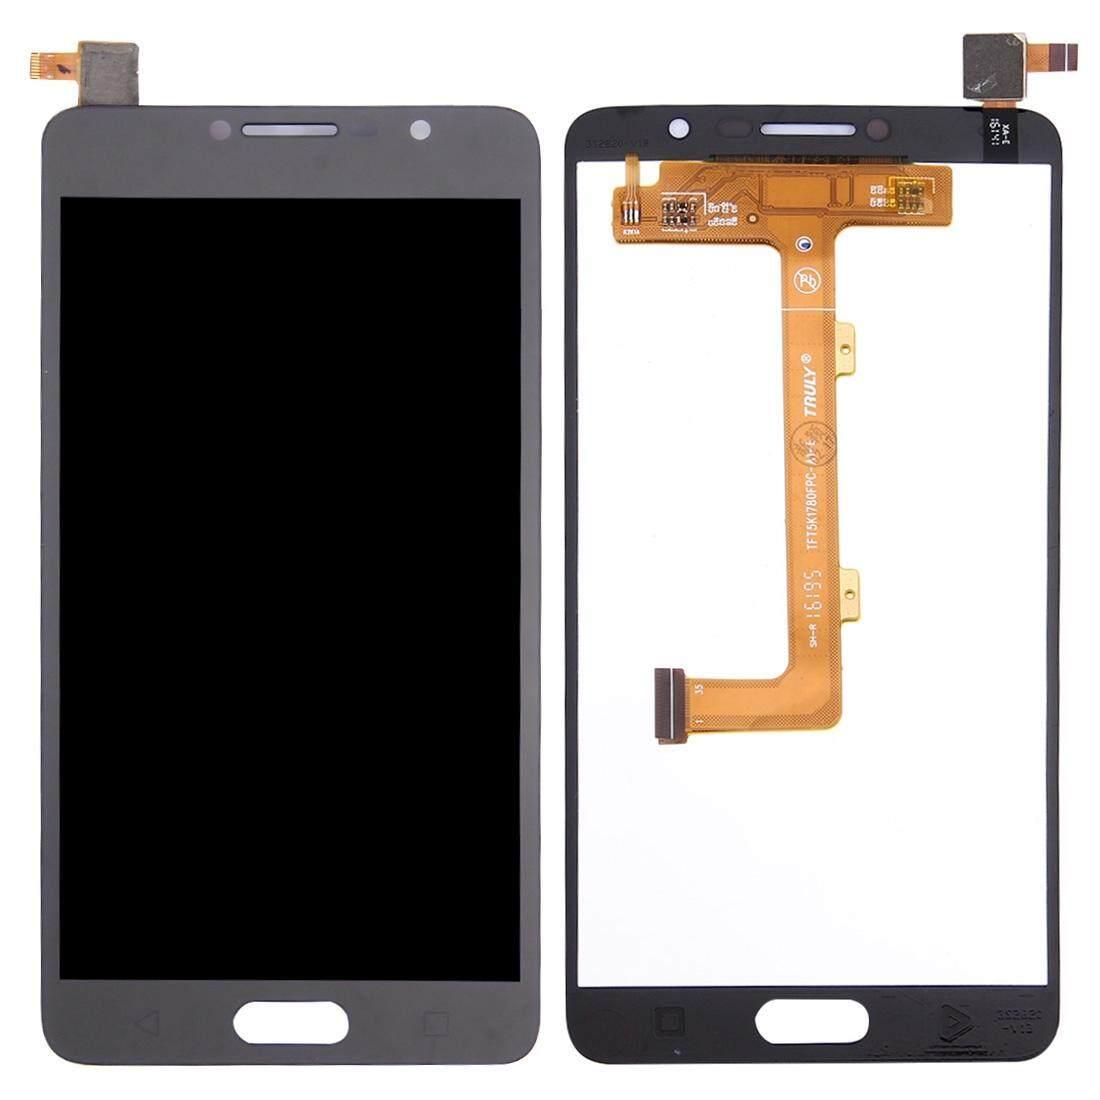 Layar LCD dan Digitizer Penuh Perakitan untuk Alcatel Pop 4 S/5095 (Hitam)